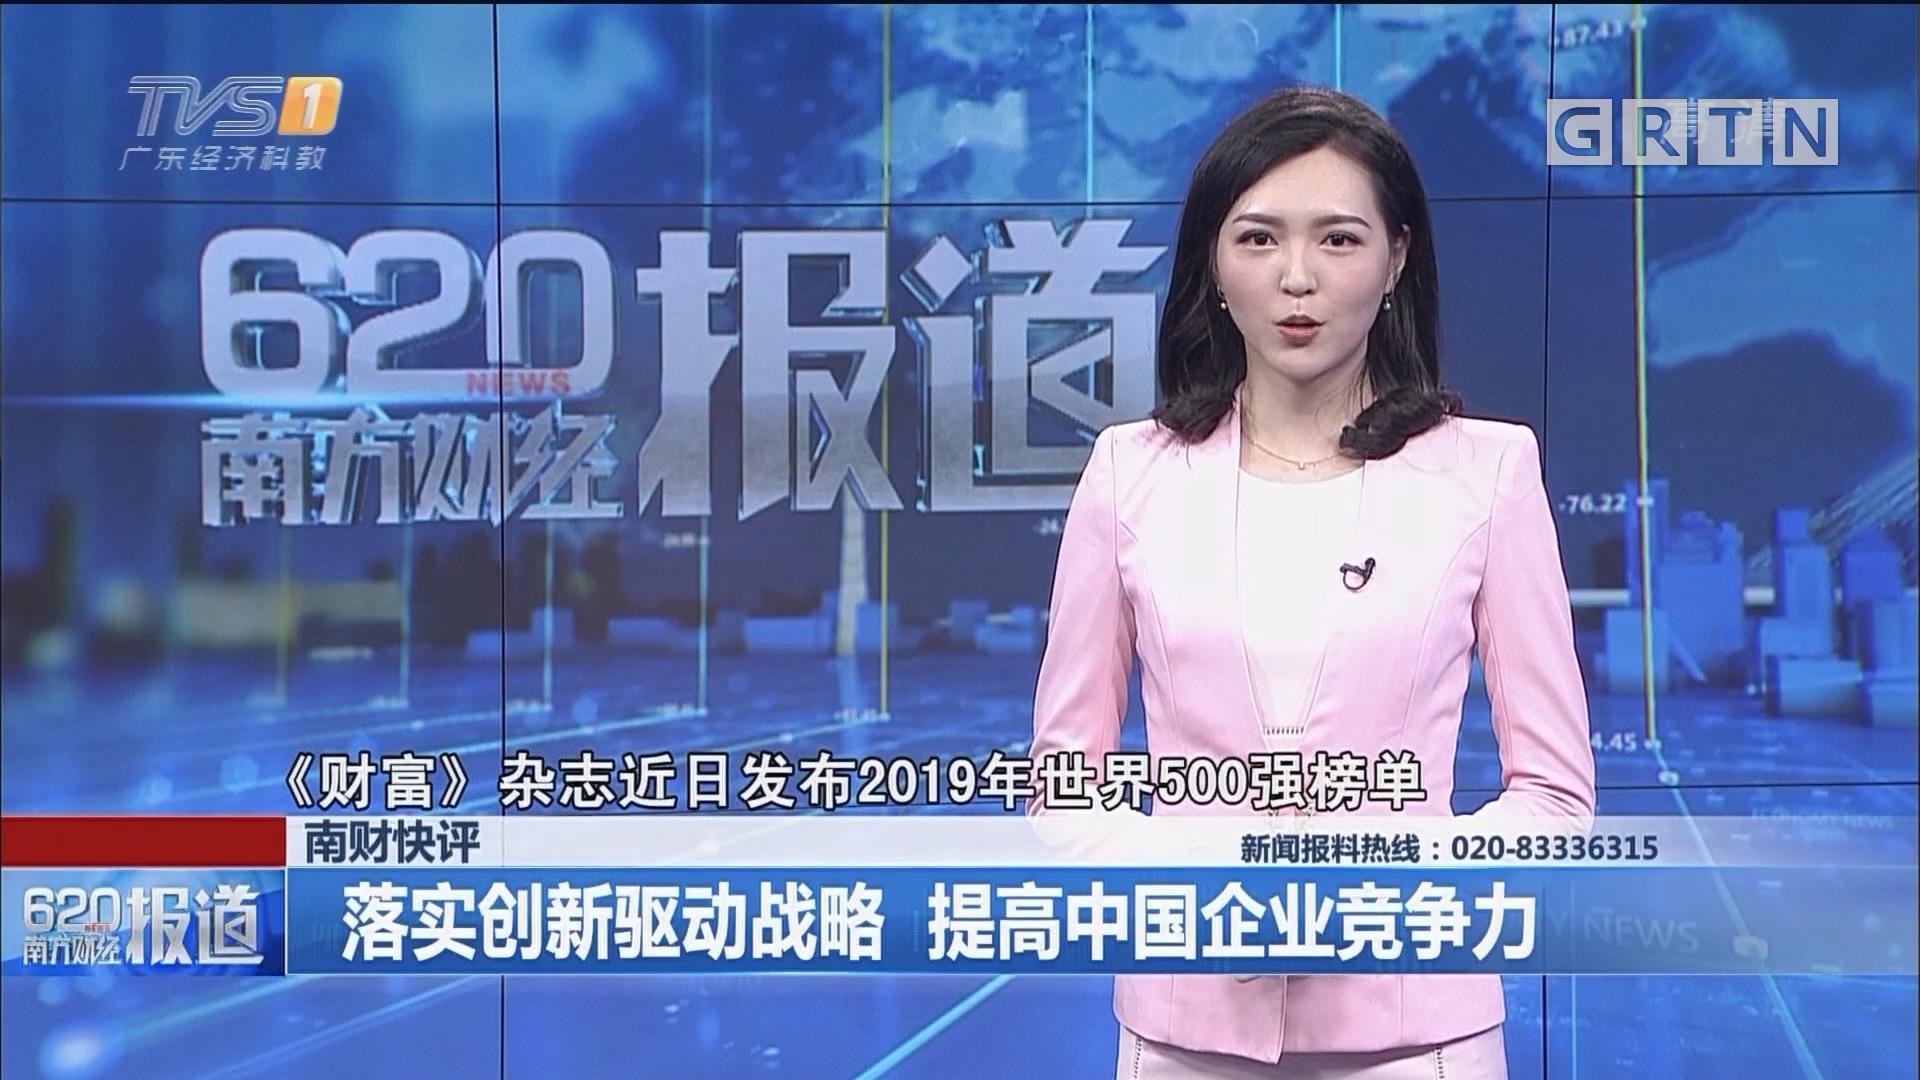 南财快评:落实创新驱动战略 提高中国企业竞争力